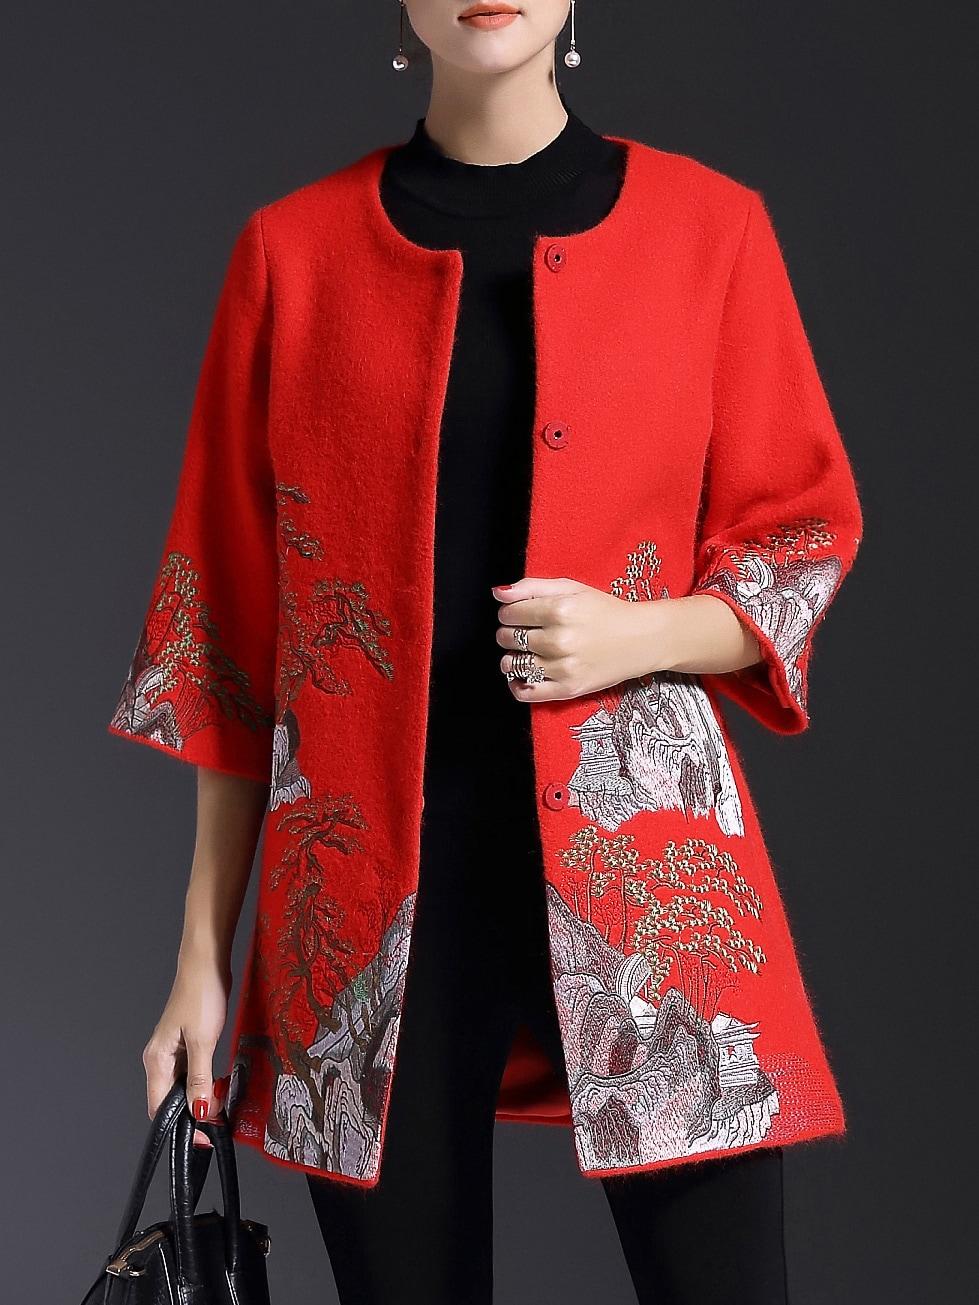 Пальто с вышивкой (60 фото модное 2018, с золотой вышивкой, с вышивкой) 9